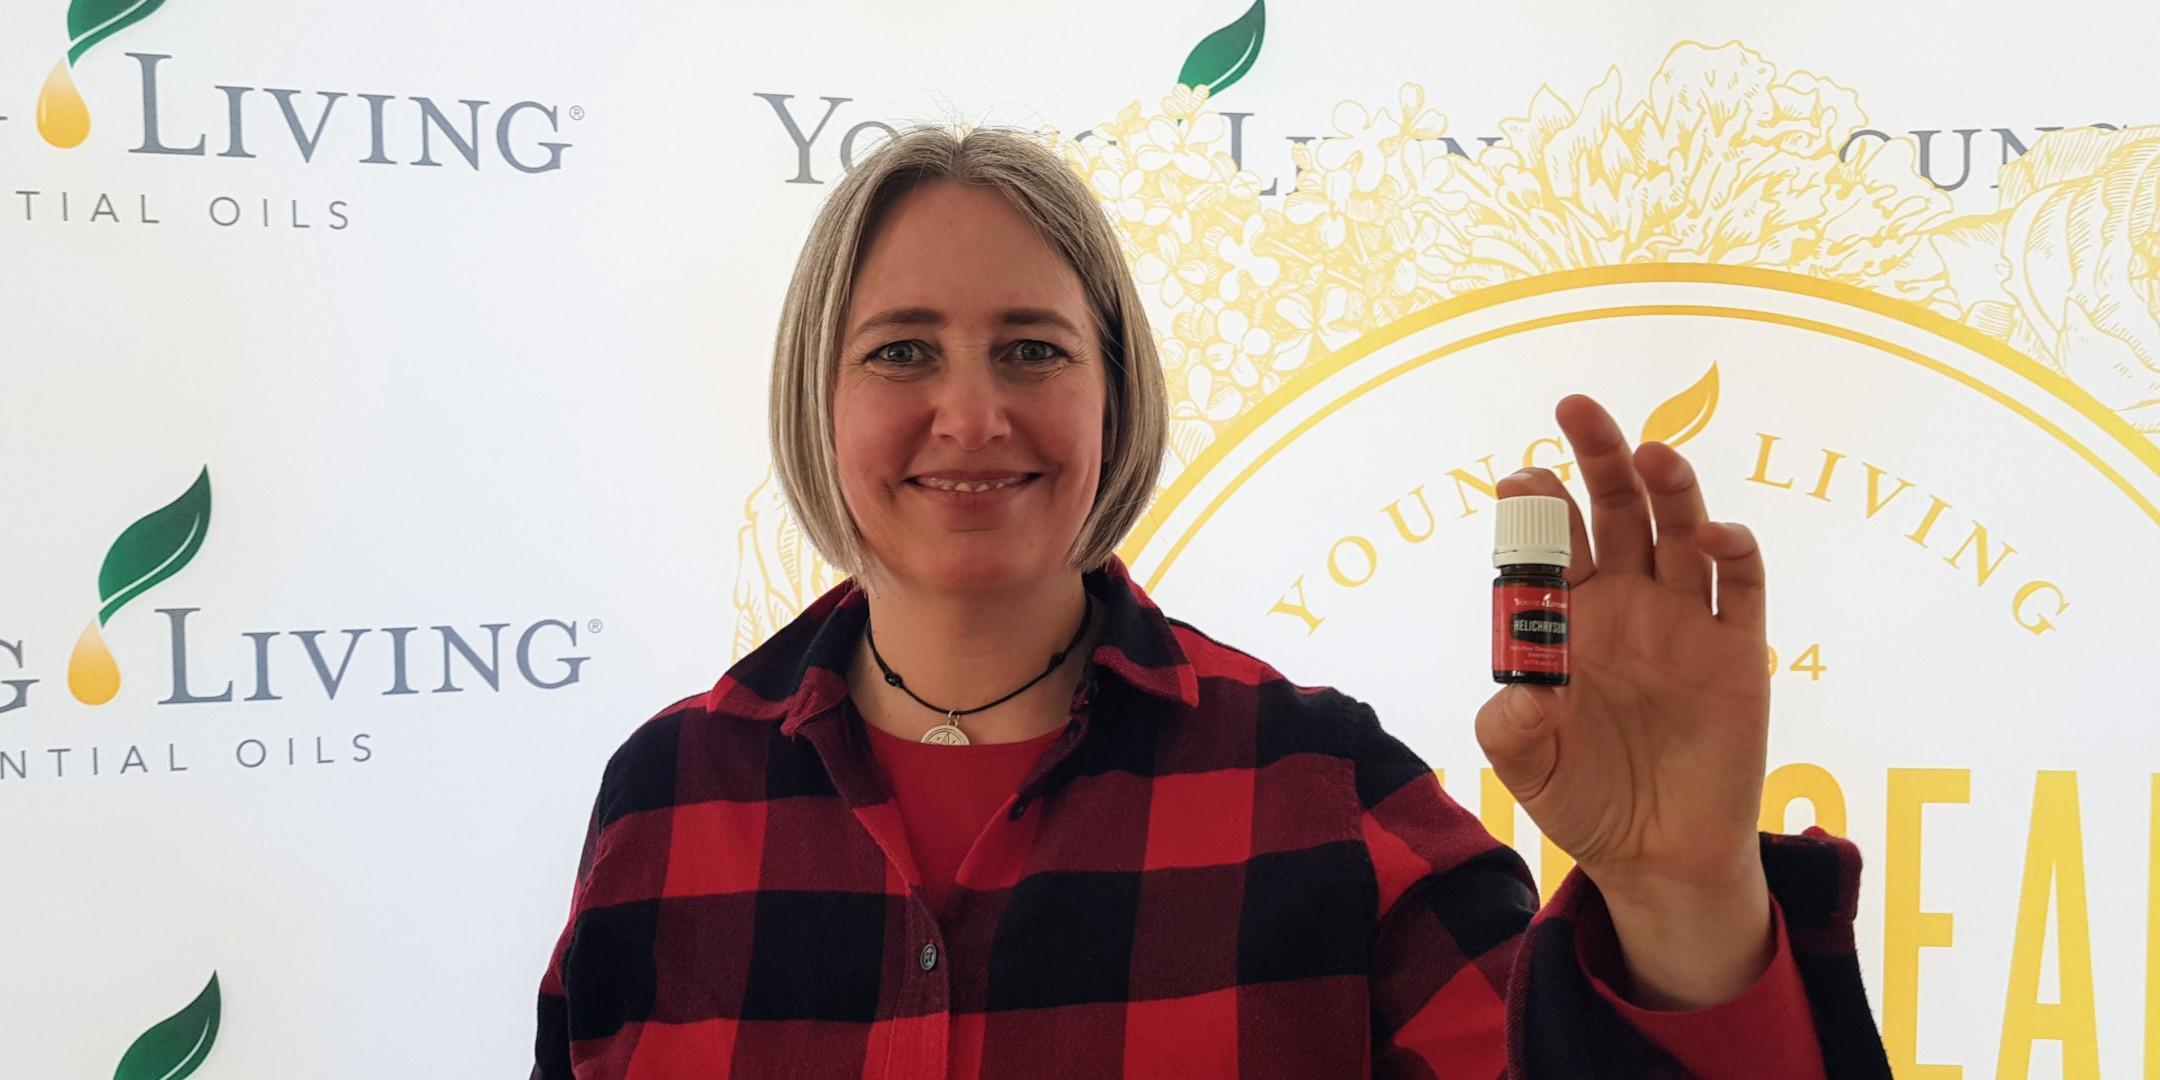 Saskia zeigt Helichrysum-Öl bei einem Vortrag